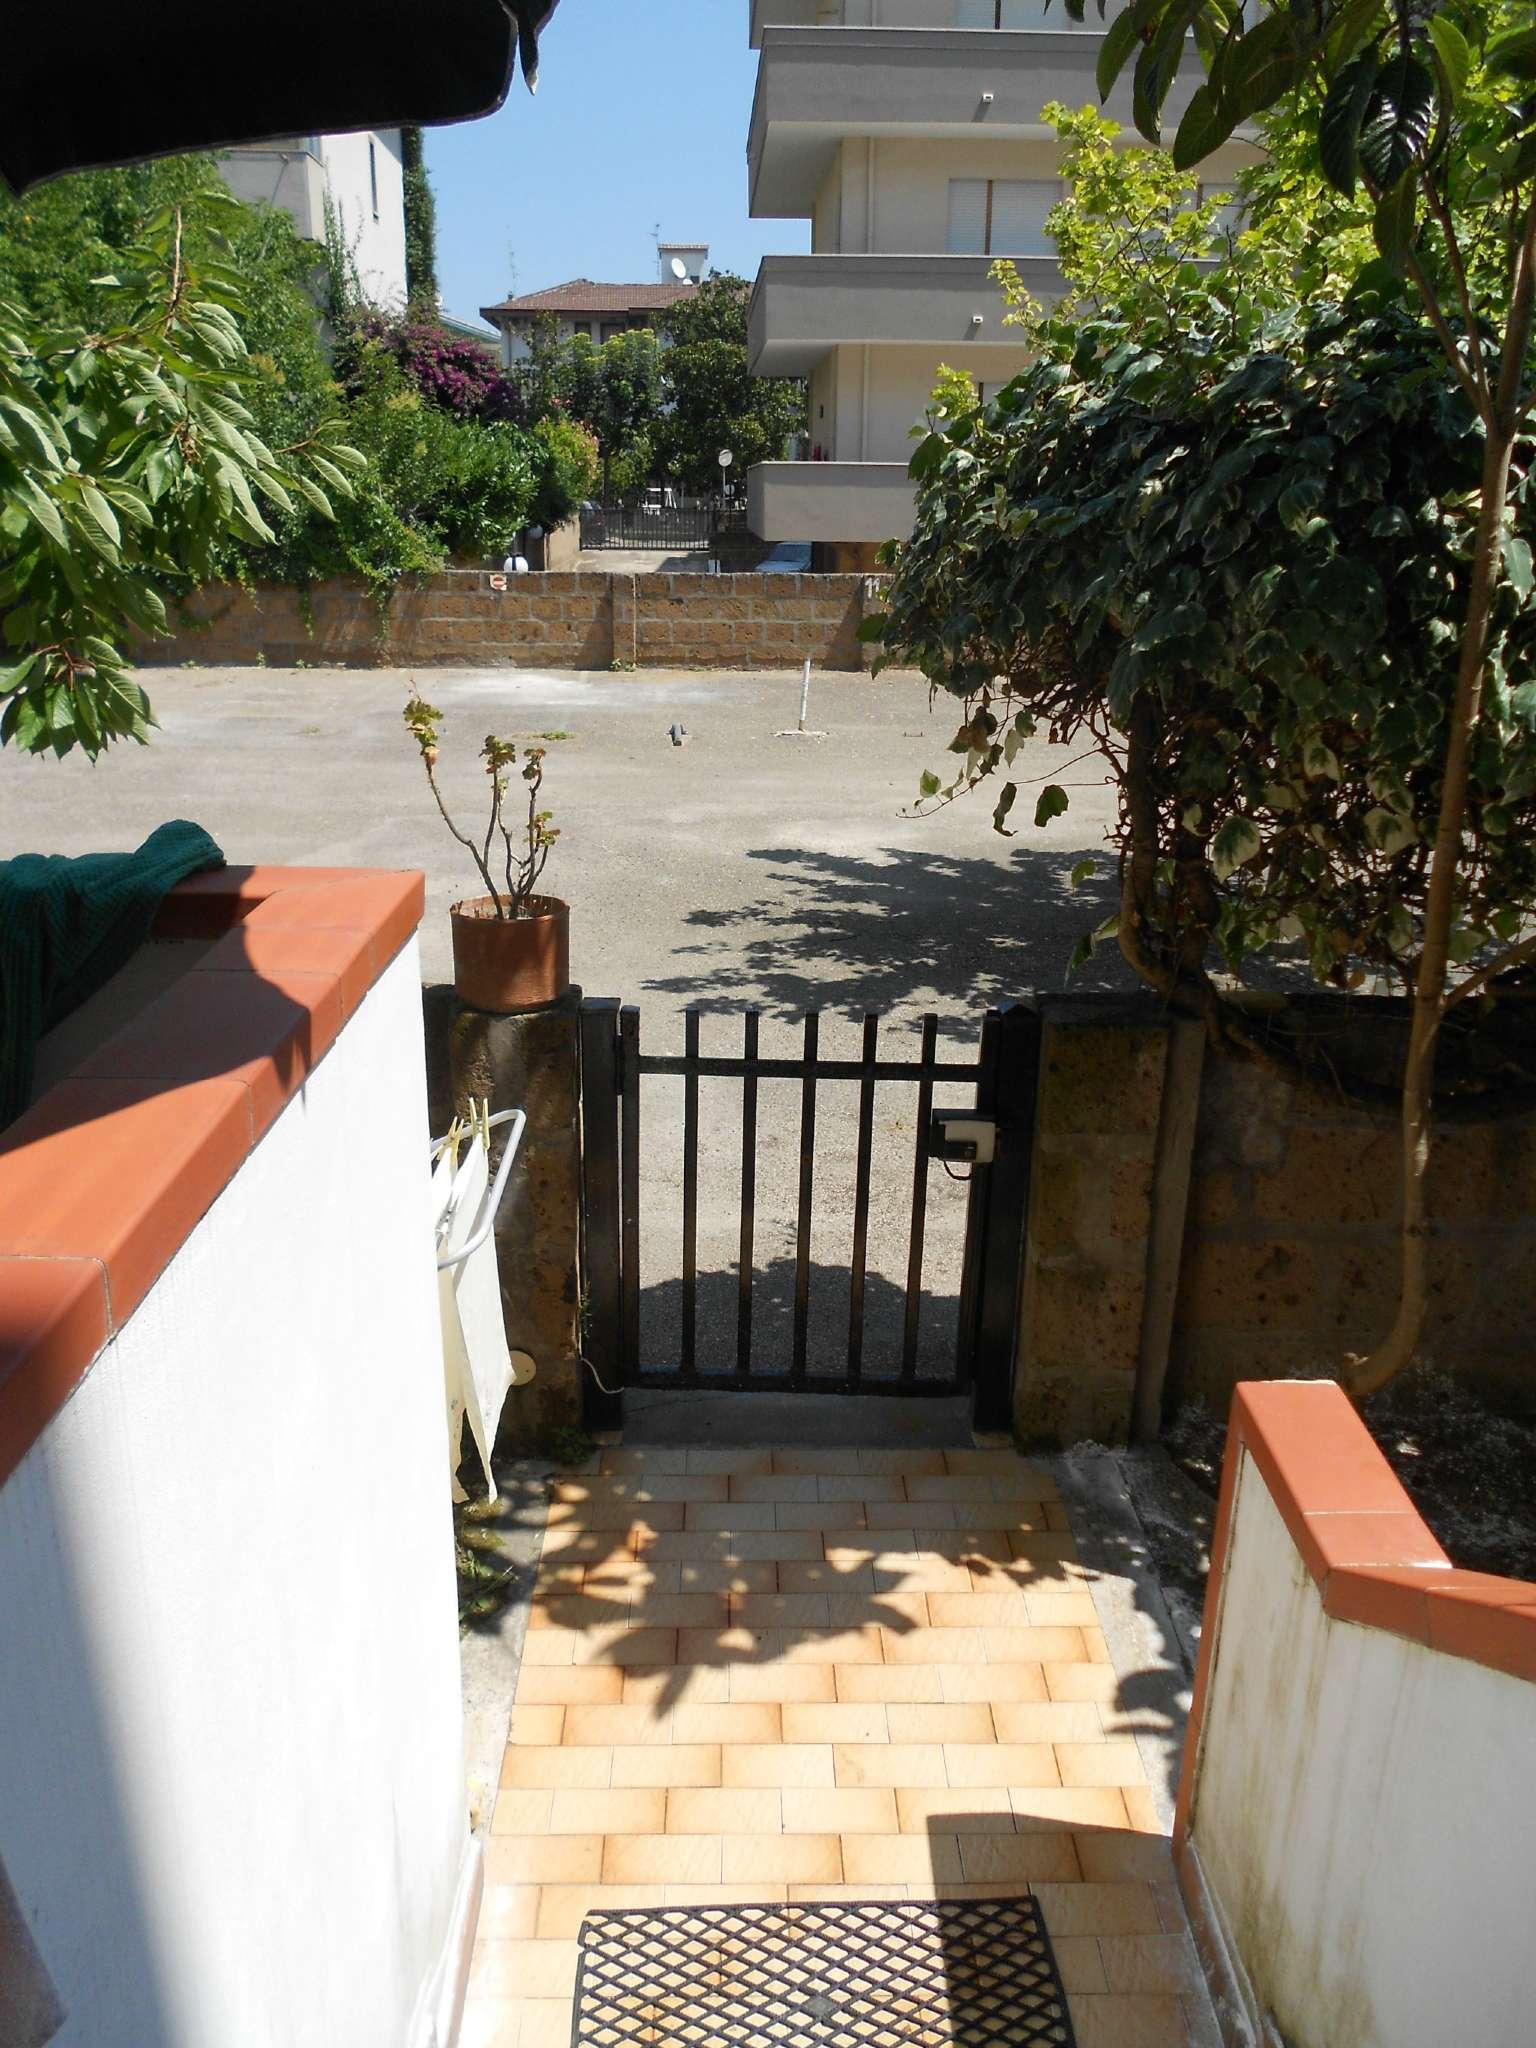 Affittasi appartamento per il mese di Agosto a Francavilla al Mare Rif.7974748